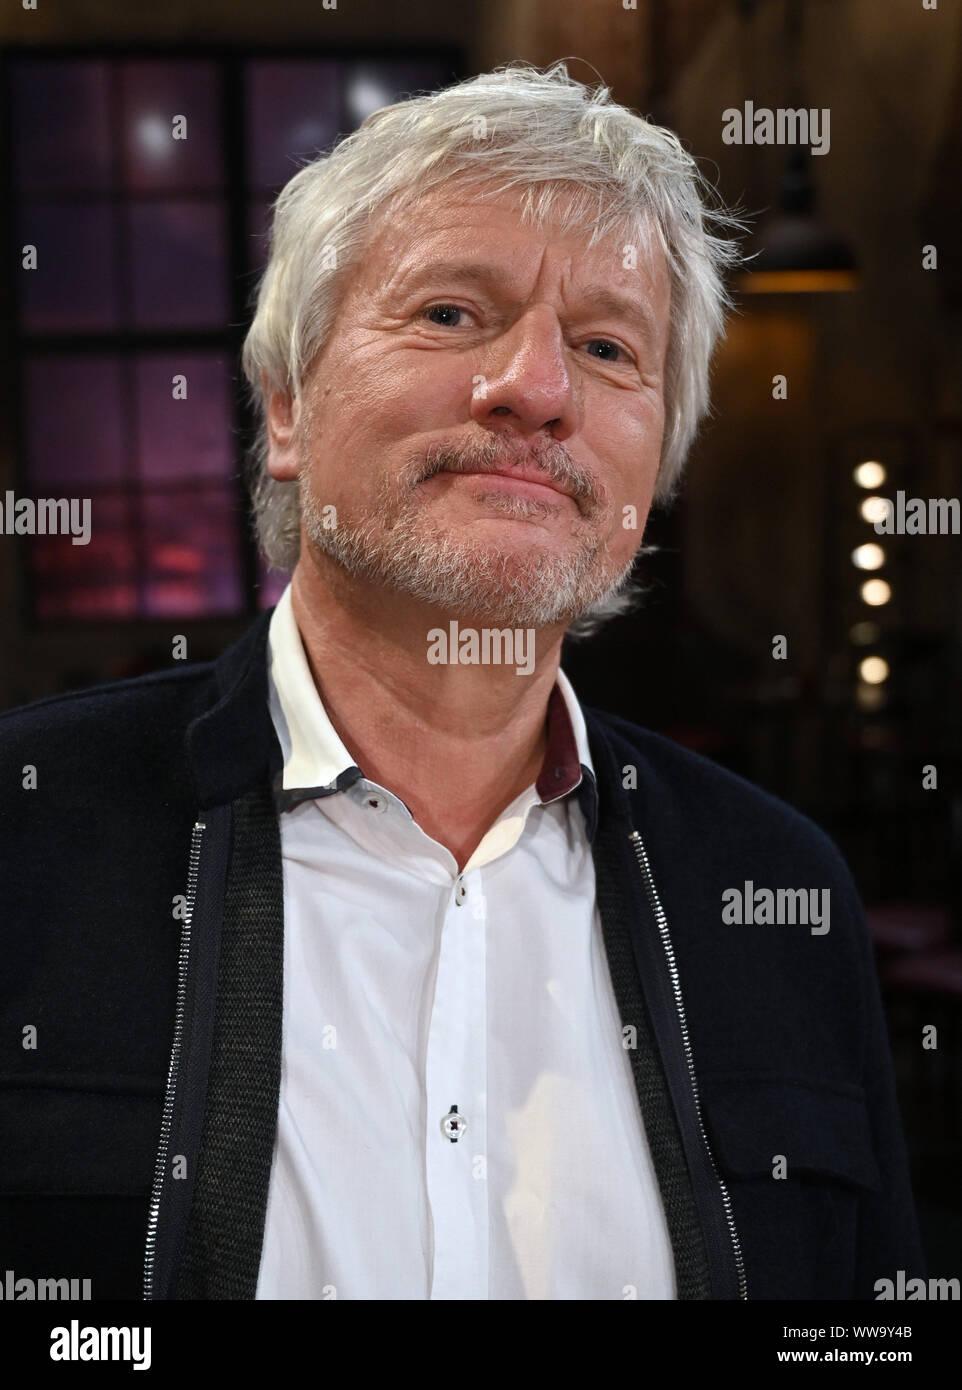 Jurgen Kaiser Stockfotos Und Bilder Kaufen Alamy